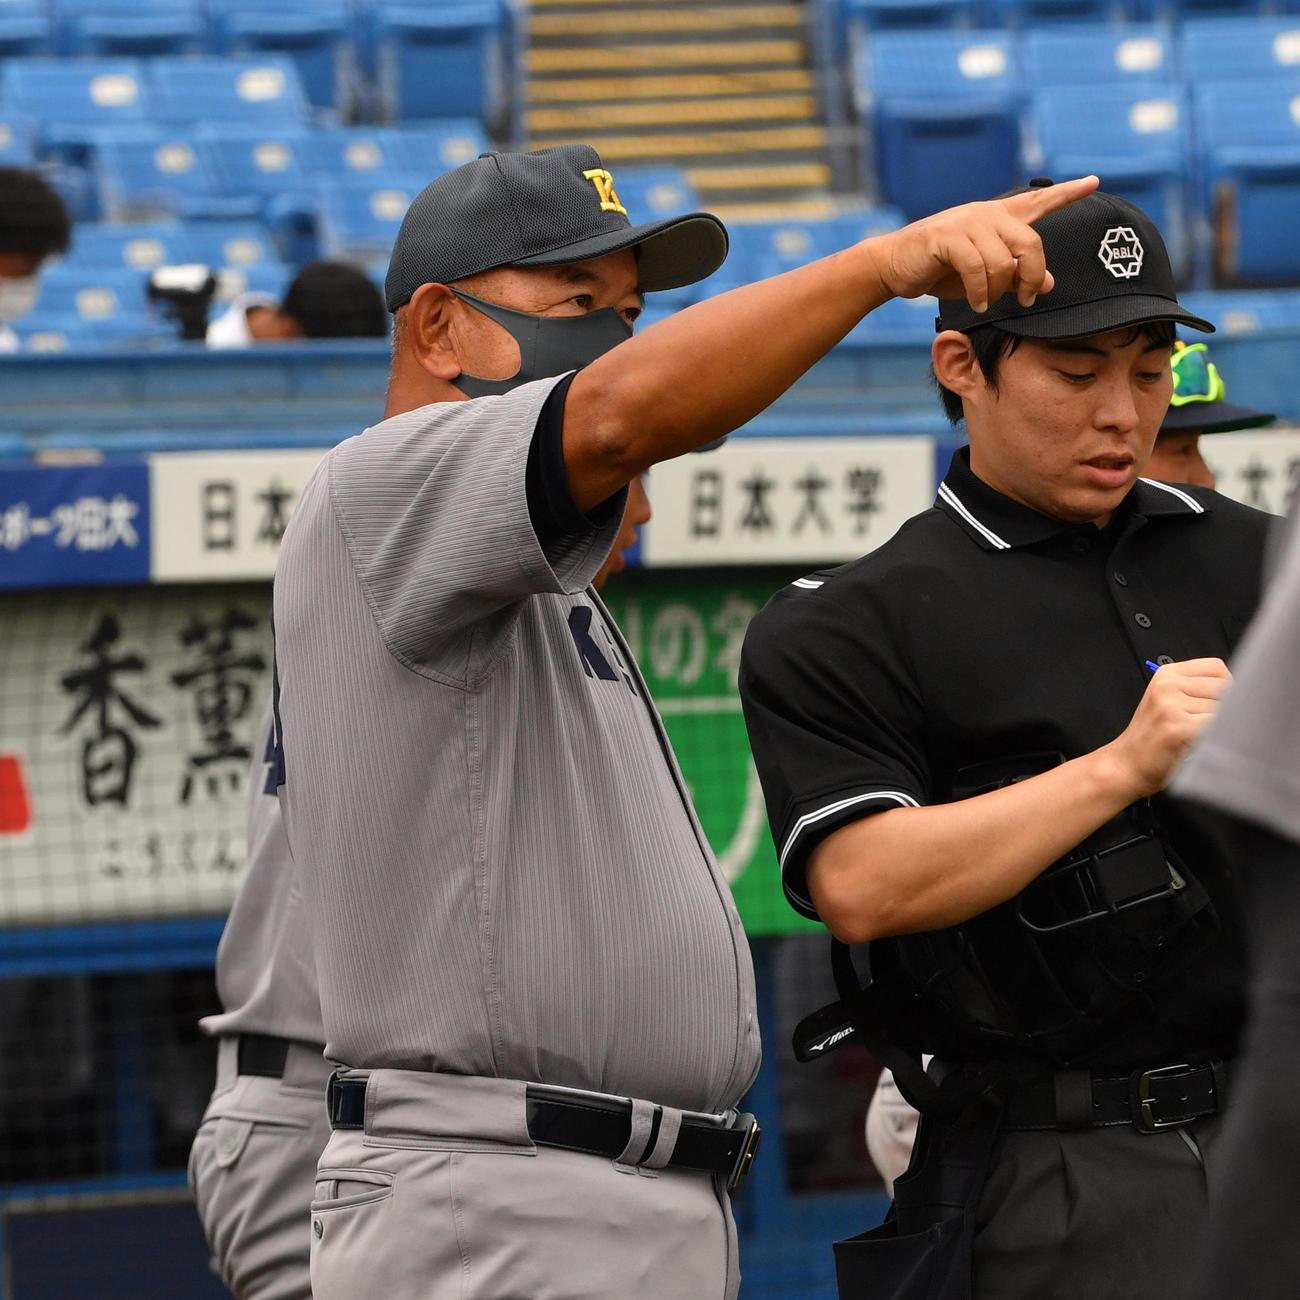 慶大・堀井監督(左)(20年9月13日撮影)